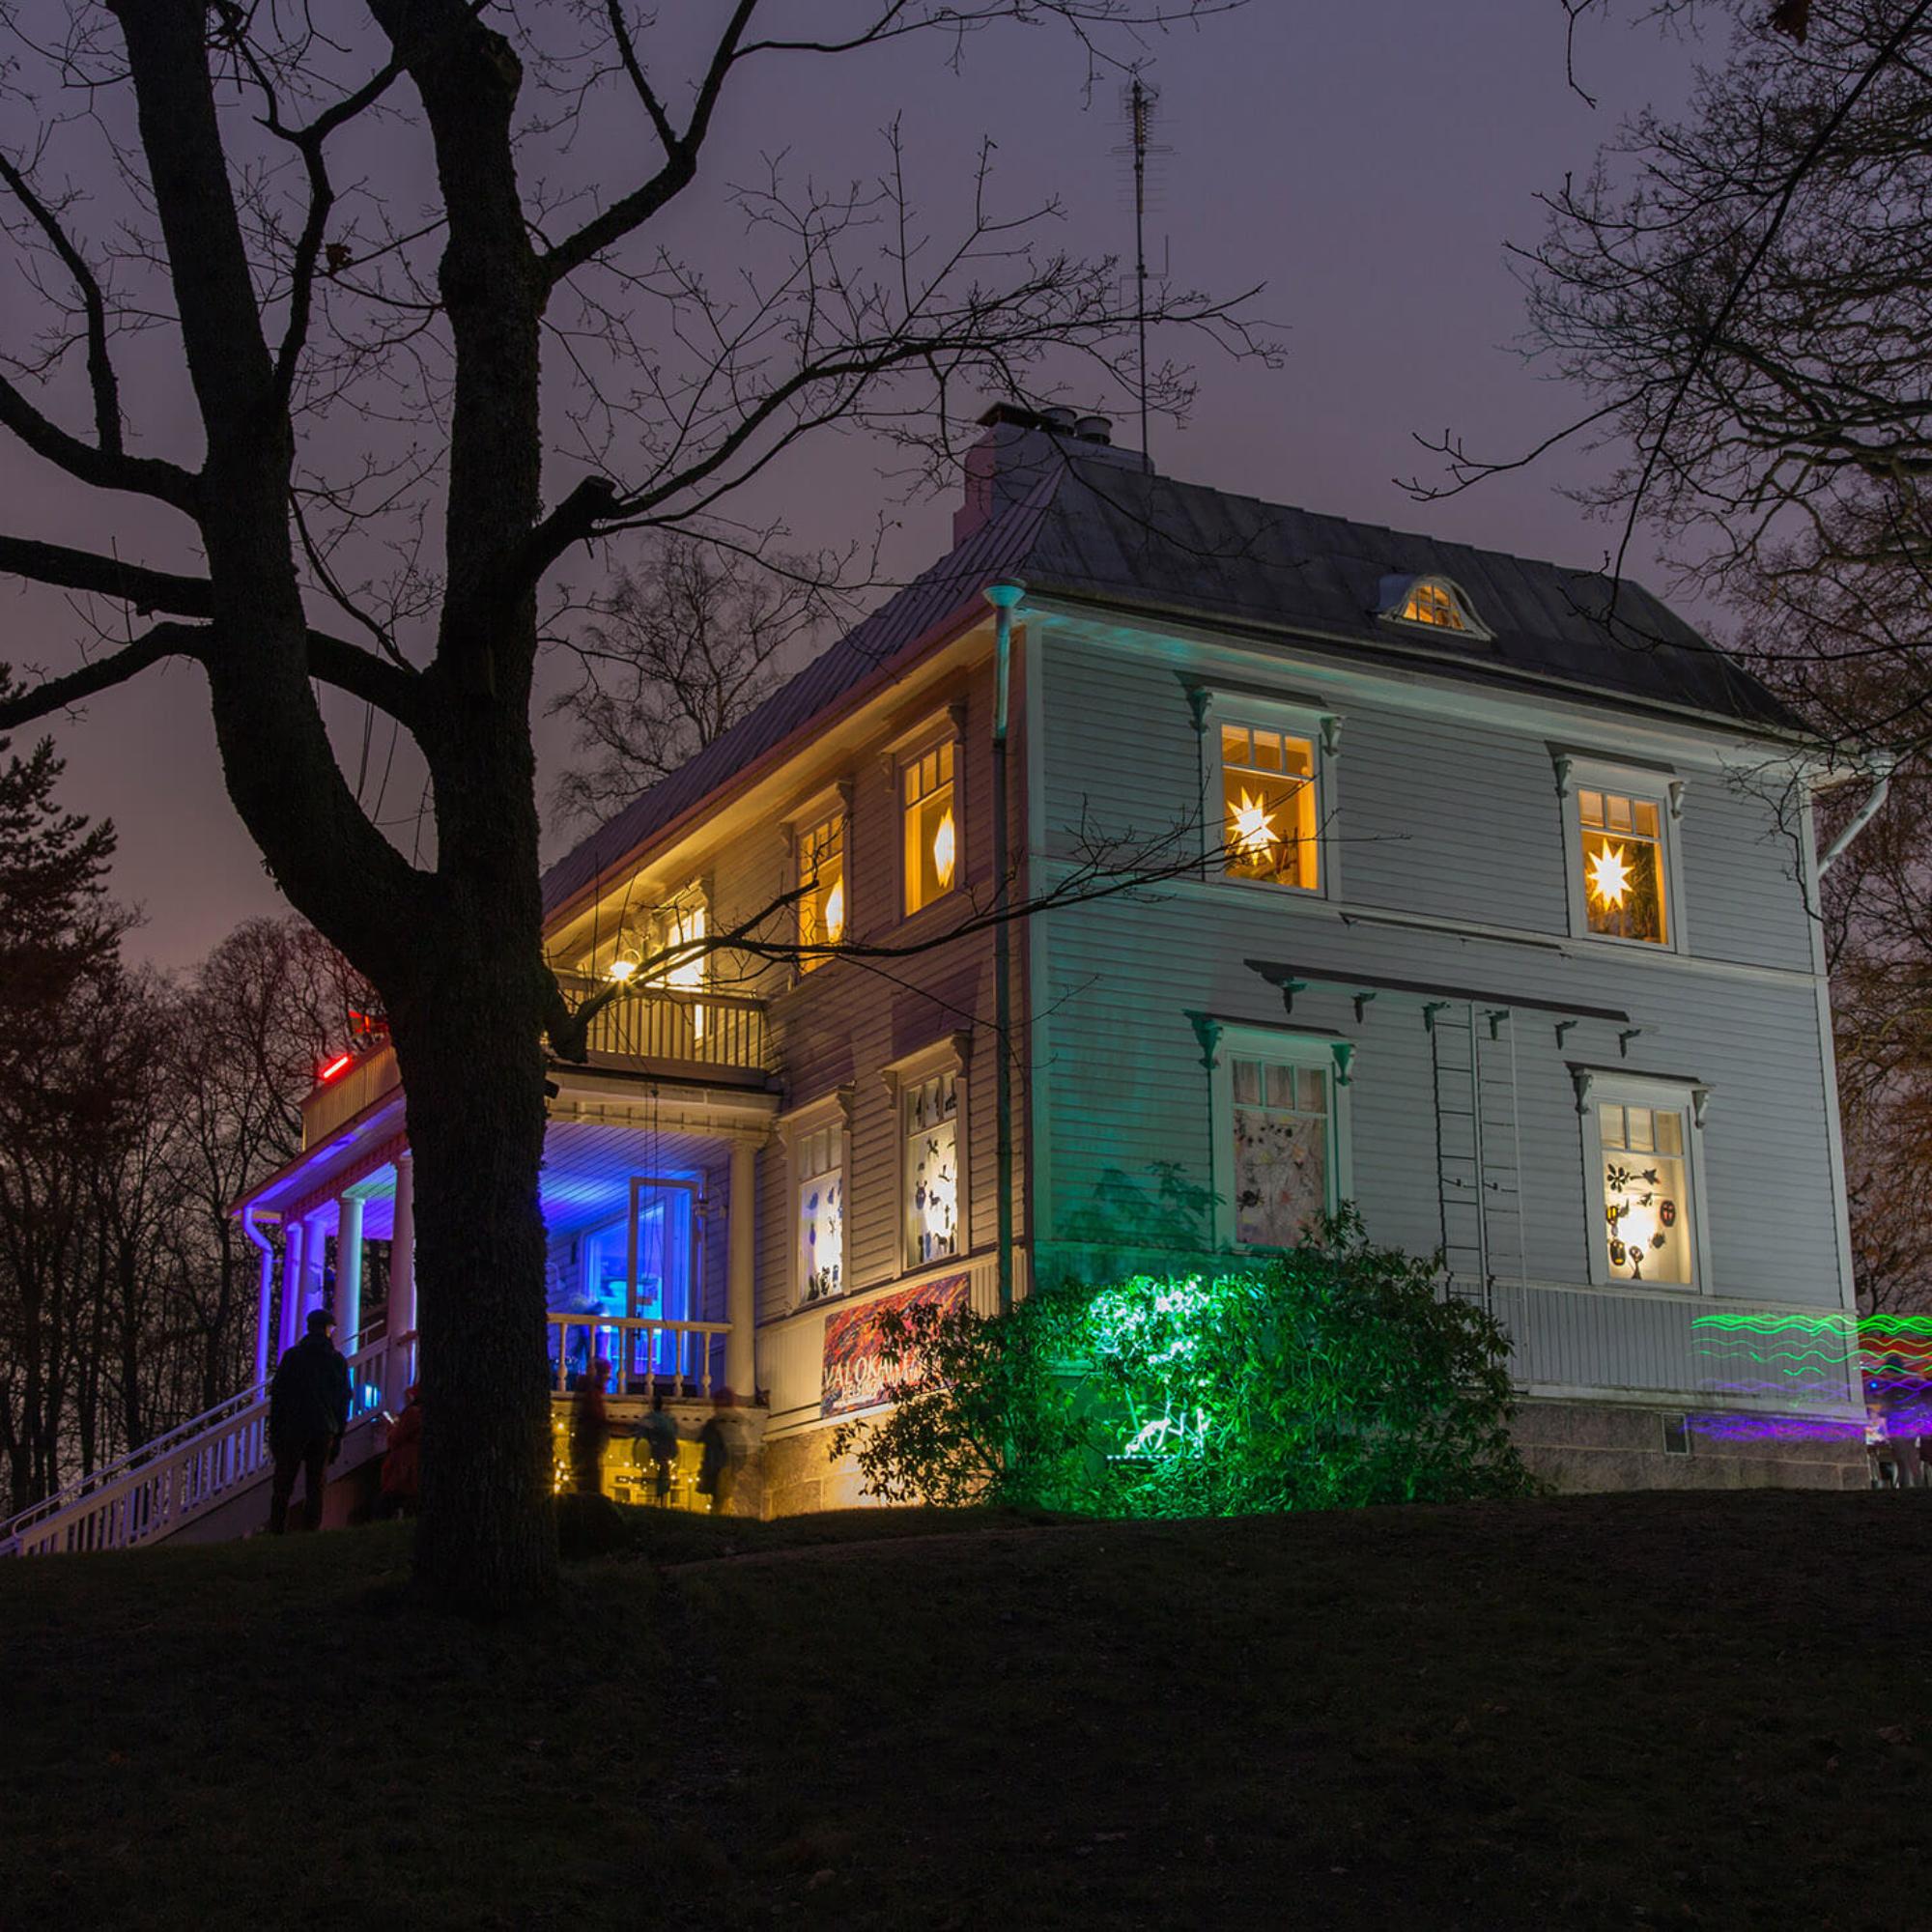 Helsingin kuvataidekoulun Valokartano-valotaidetapahtuma 20.11.2019